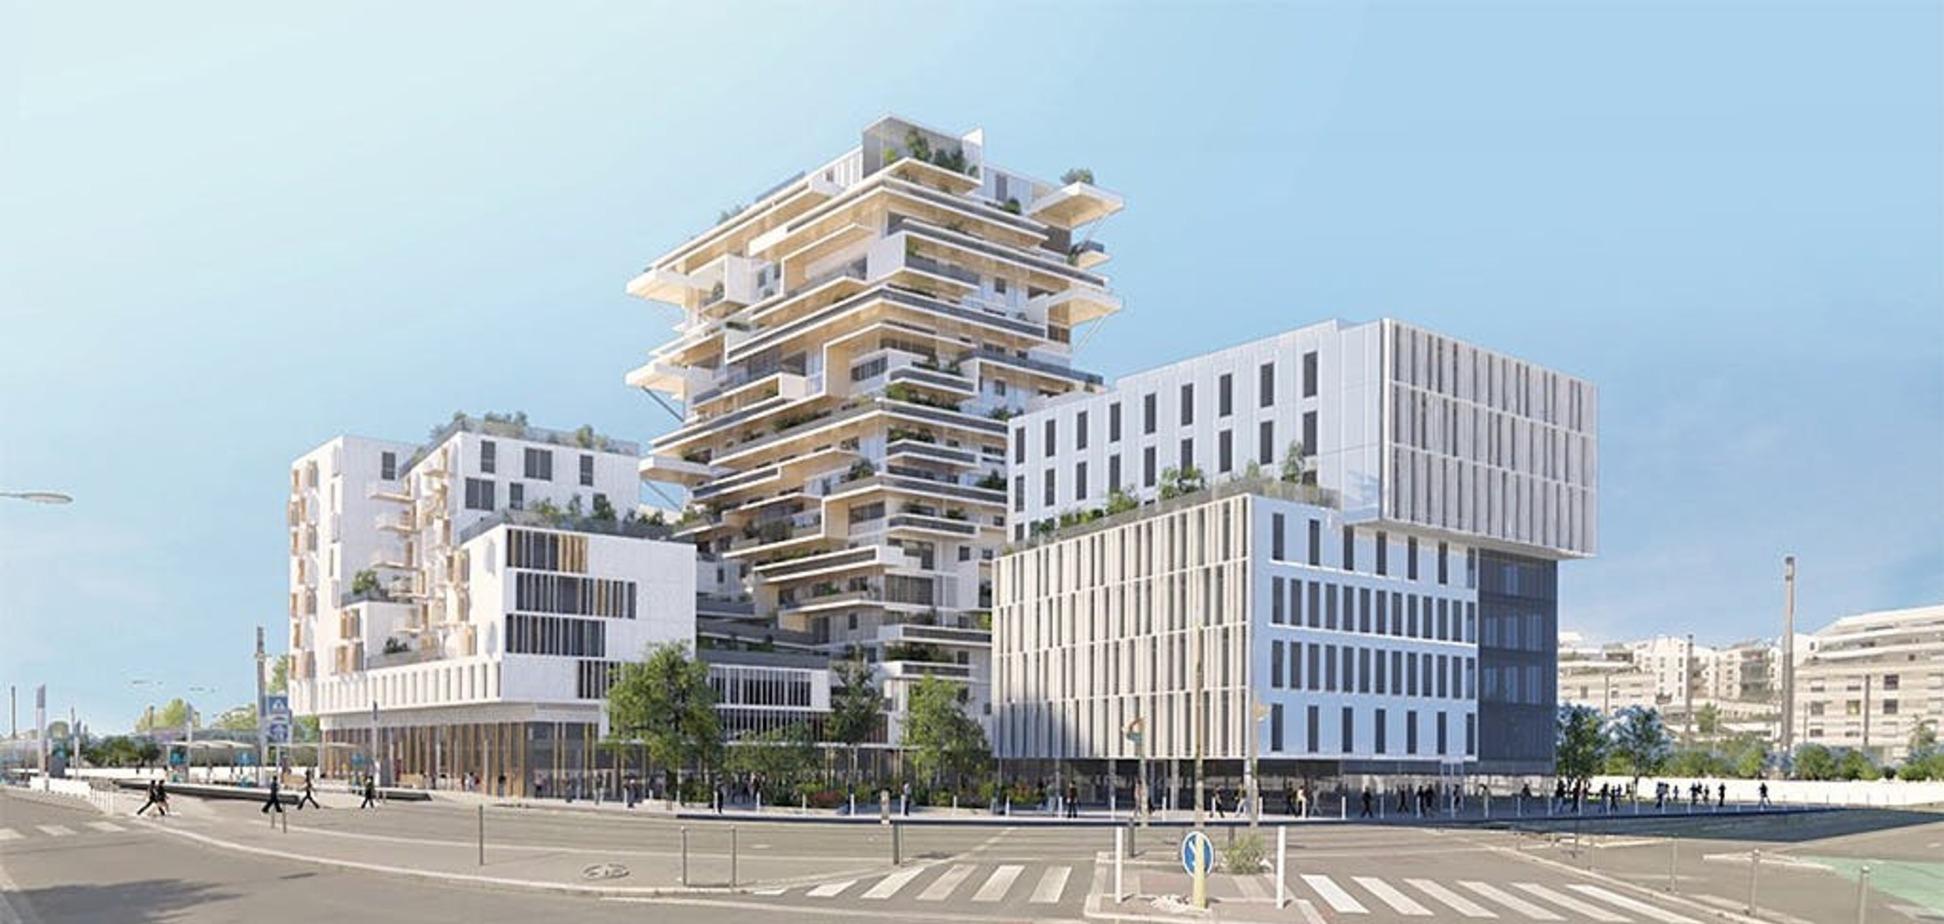 'Конопля і солома': у Франції будівельників змусять перейти на 'зелені' матеріали